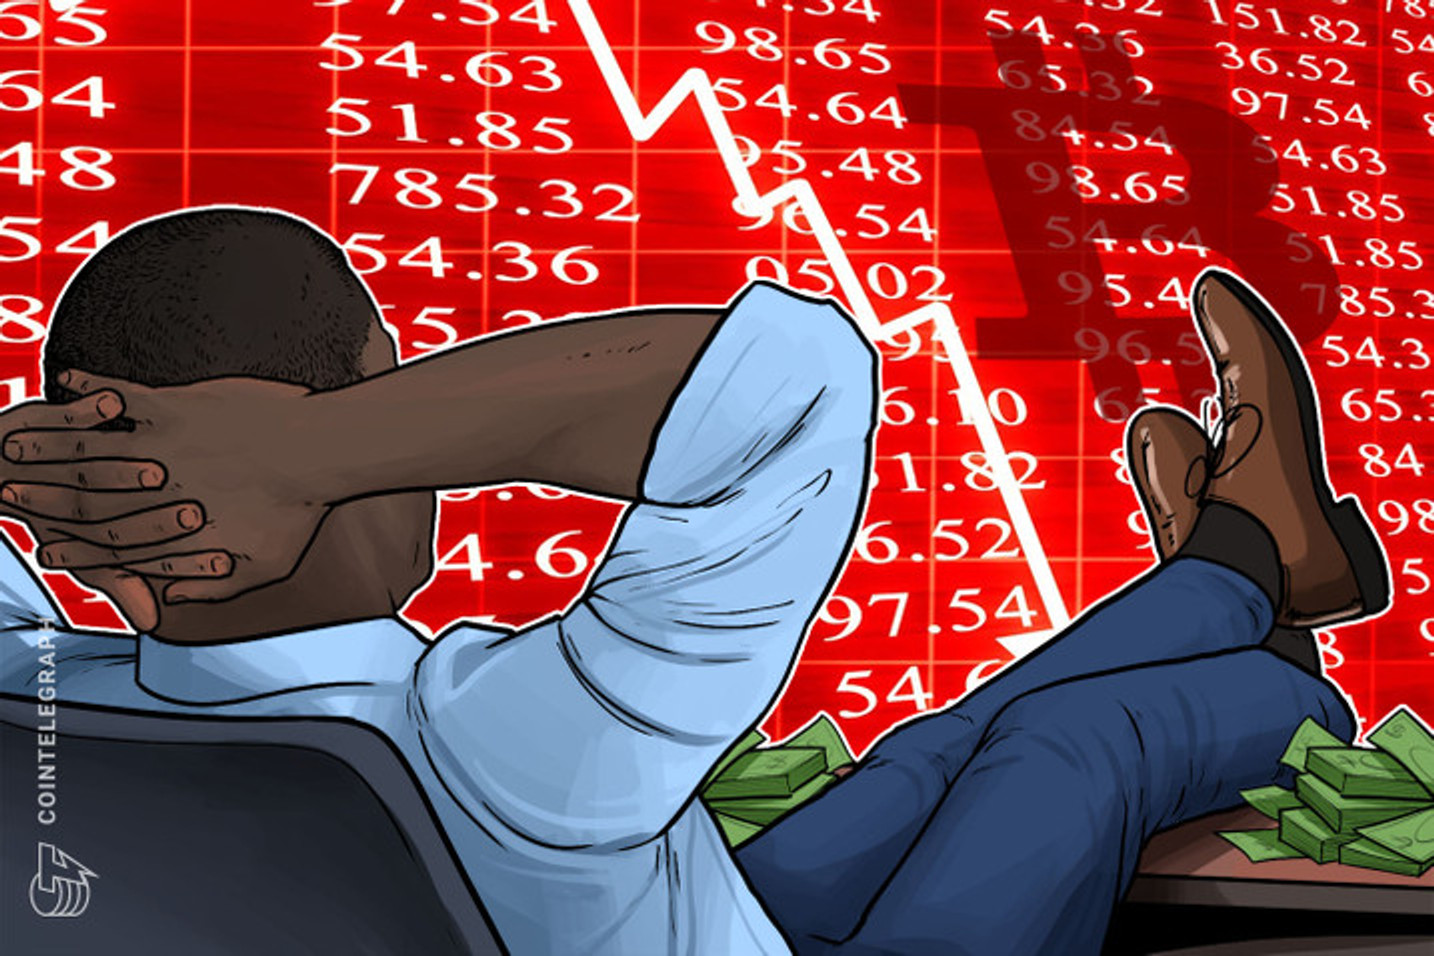 Apertem os cintos a bolha vai estourar e o Bitcoin é só uma máquina de especuladores, diz economista que previu duas crises econômicas